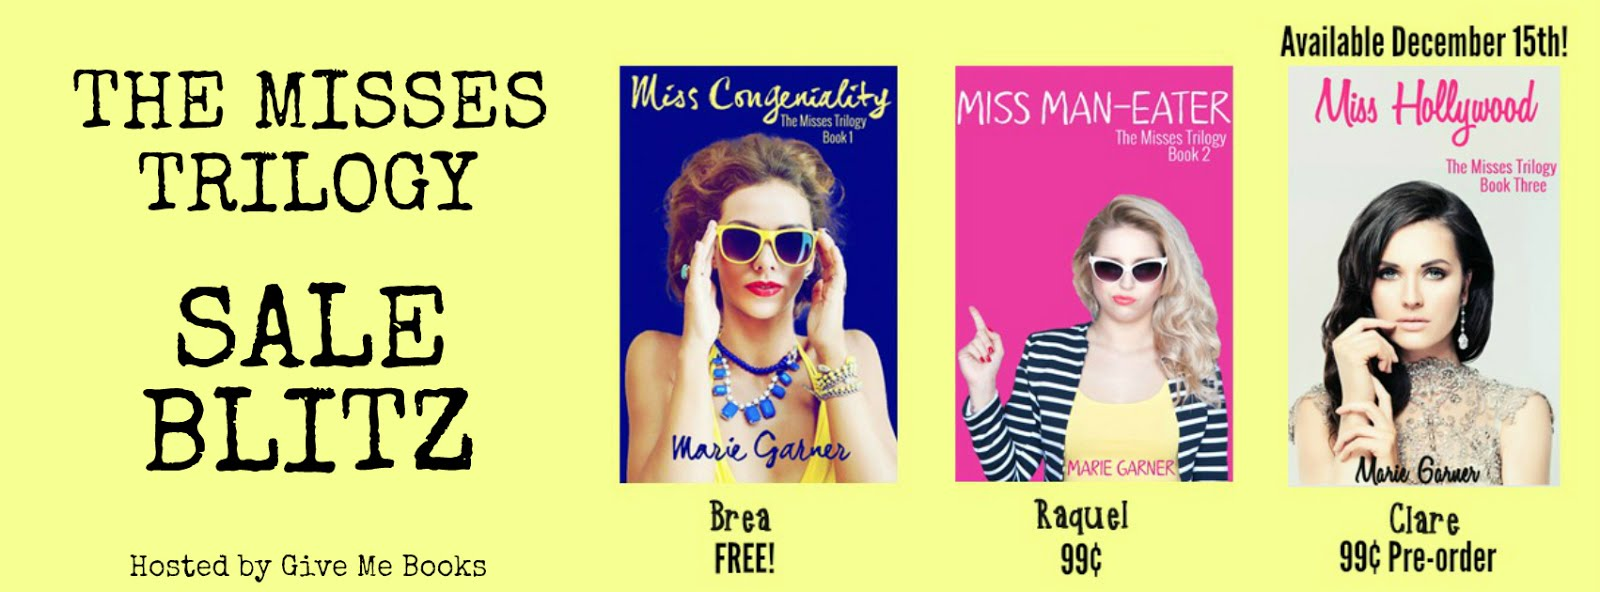 Misses Trilogy Sales Blitz